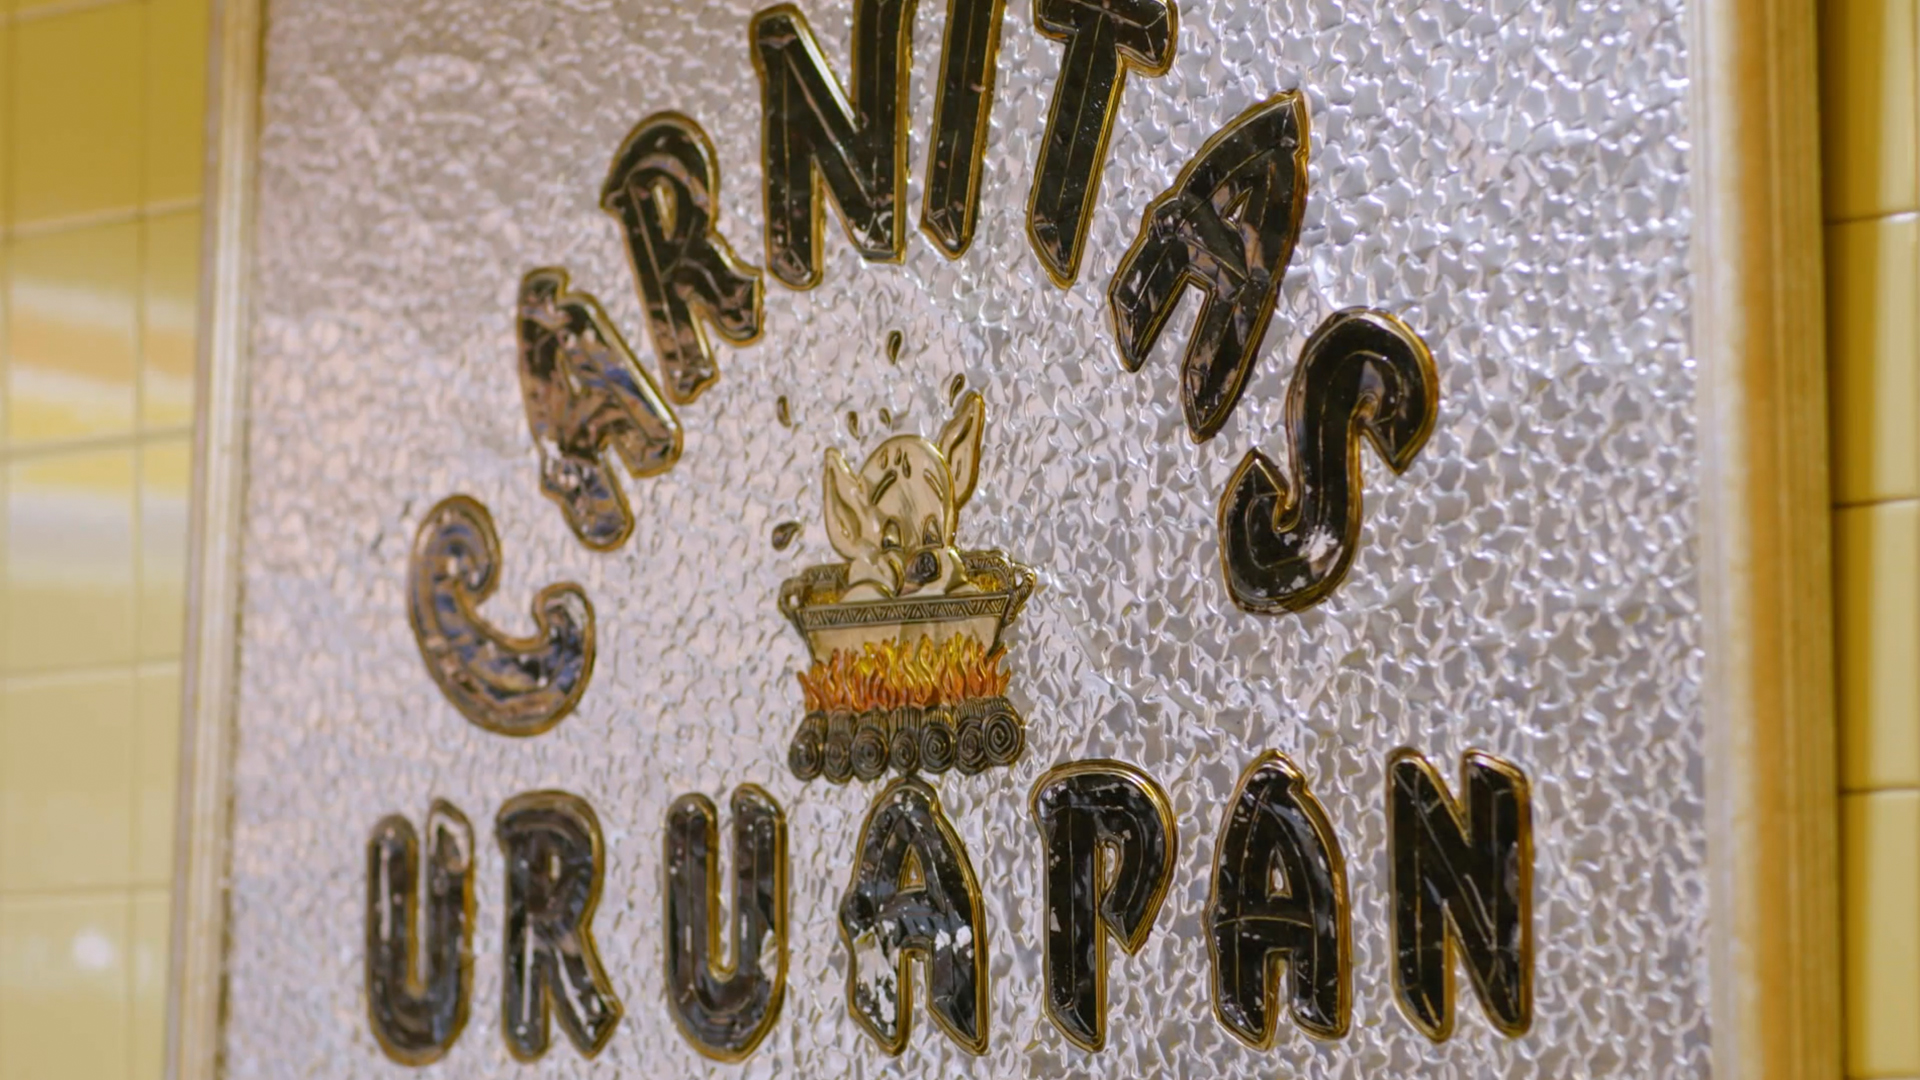 Carnitas Uruapan